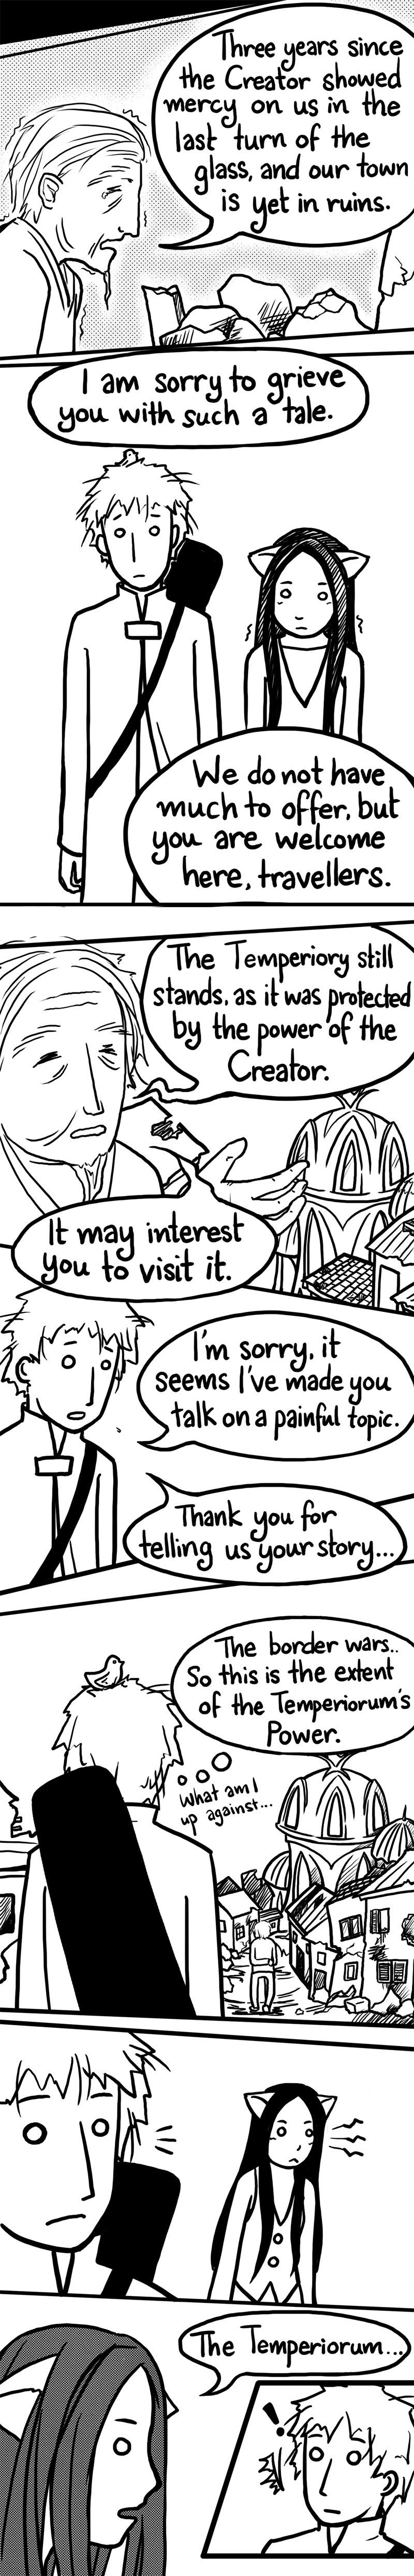 comic-2012-01-19-The-Tale.jpg